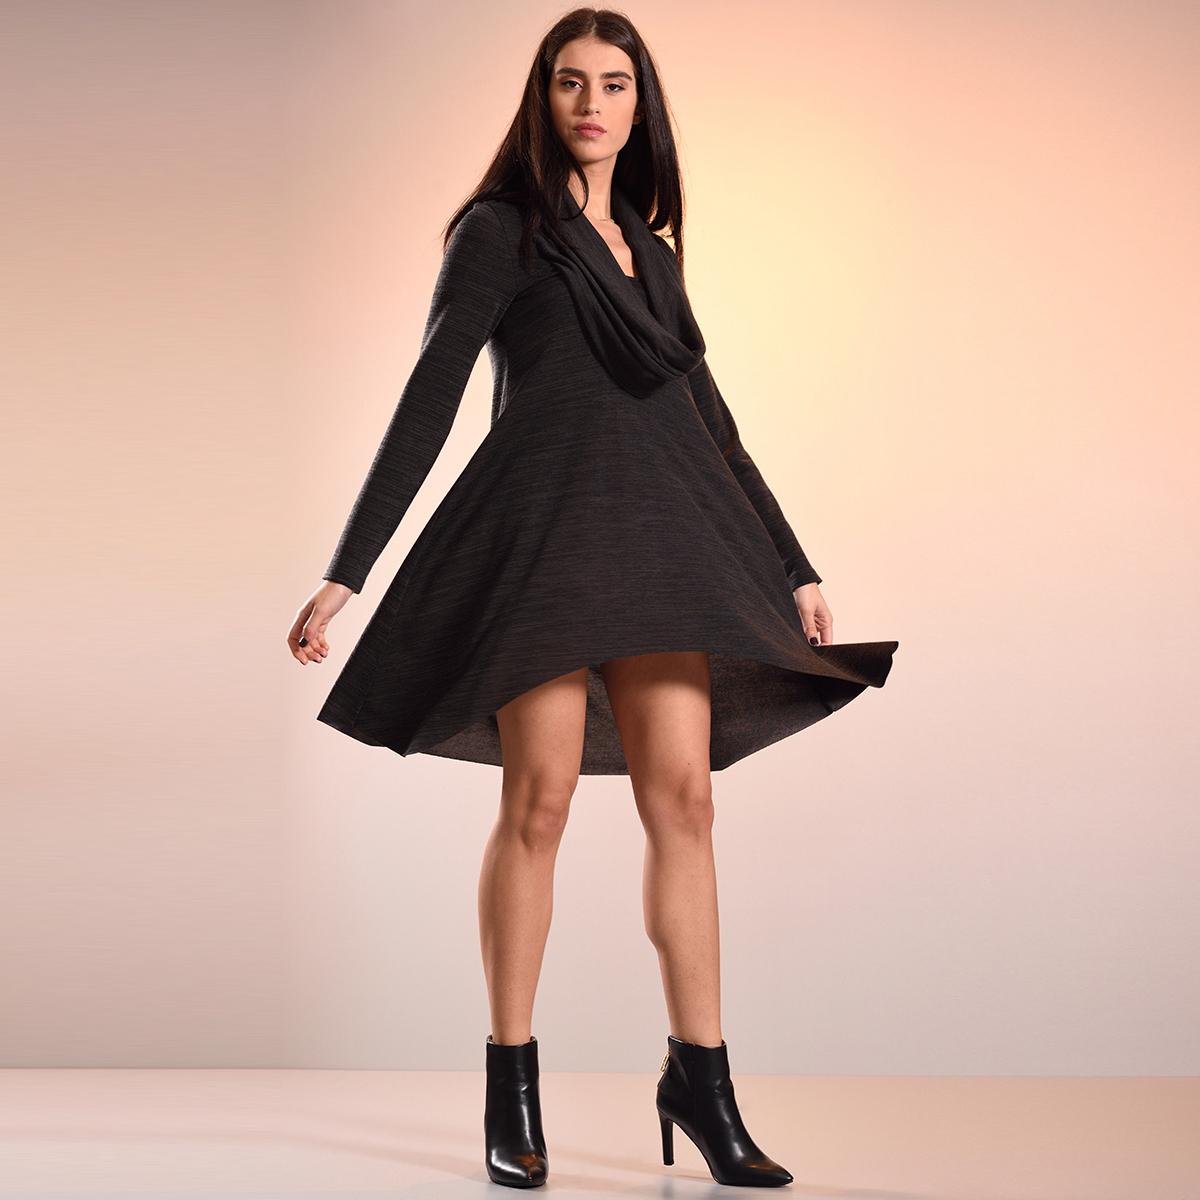 Φθηνά φορέματα μαύρα κοντά - e-royxa.gr d1d34f8a43d